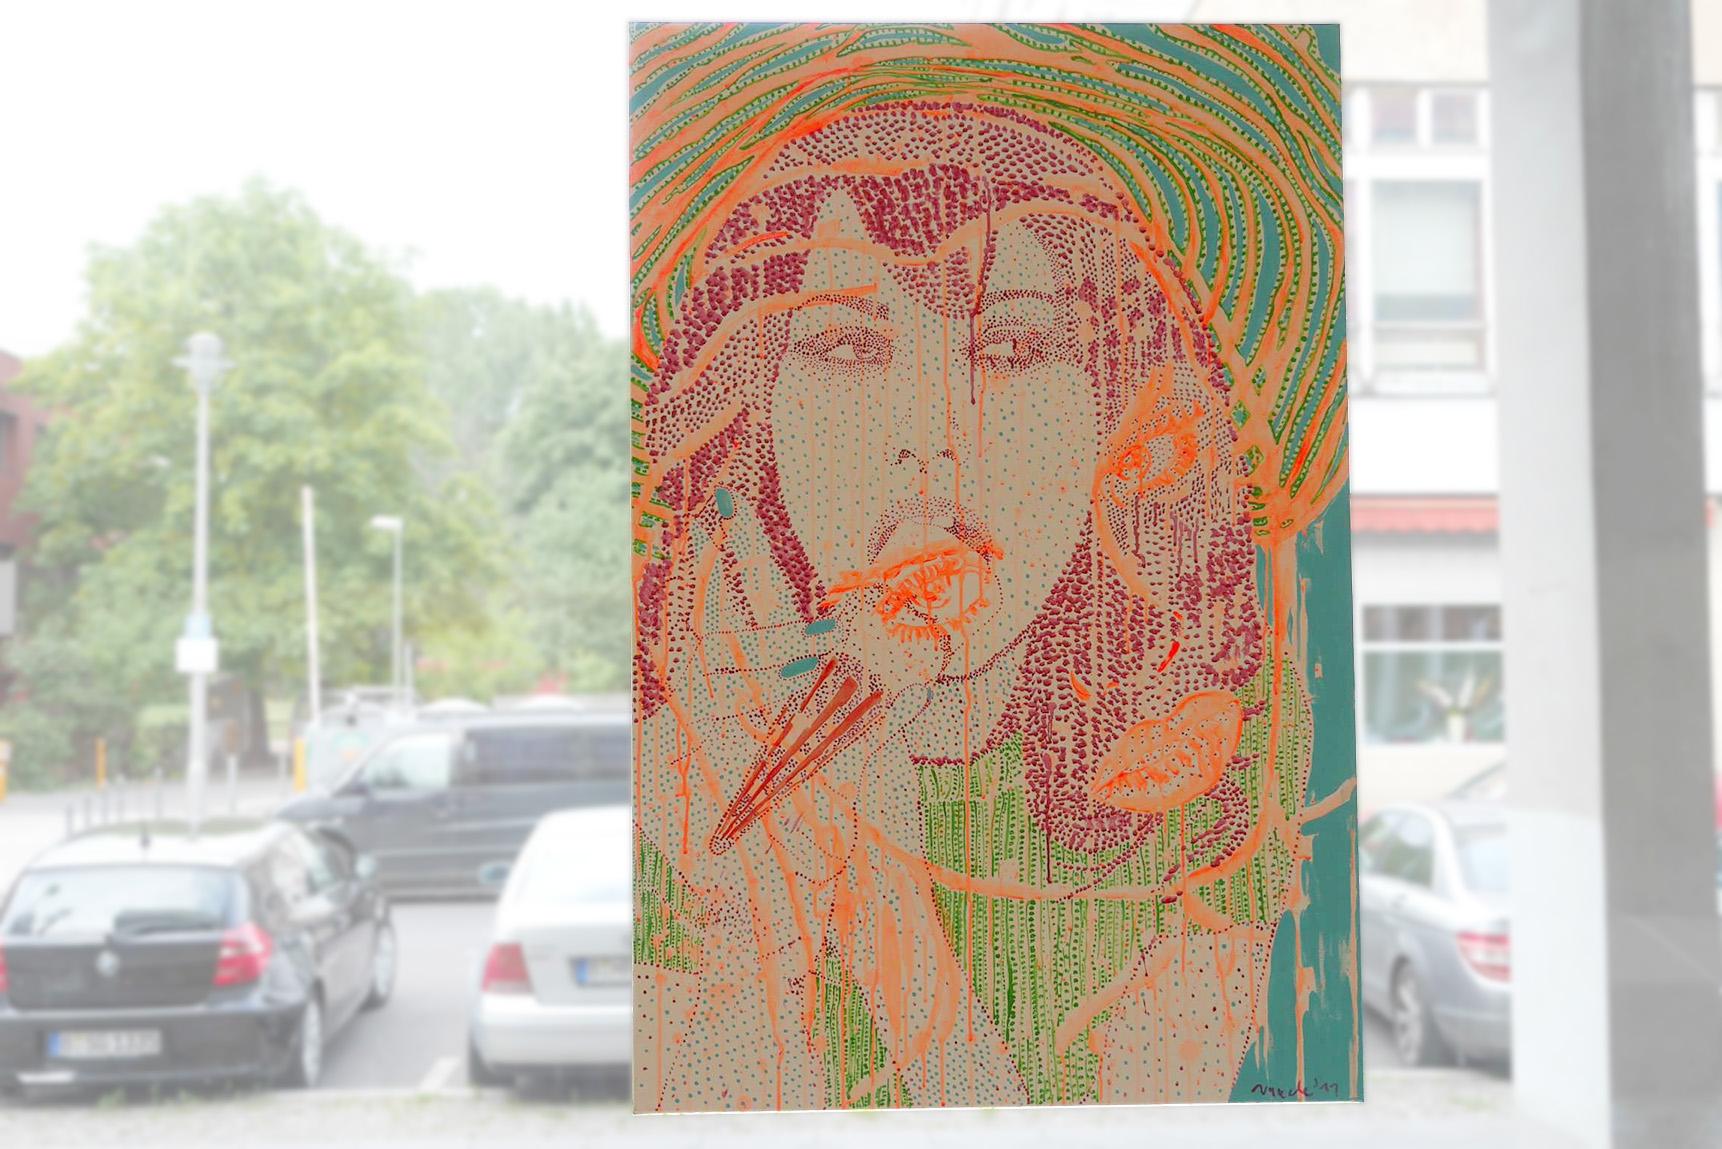 Kunstausstellung Berlin Mitte